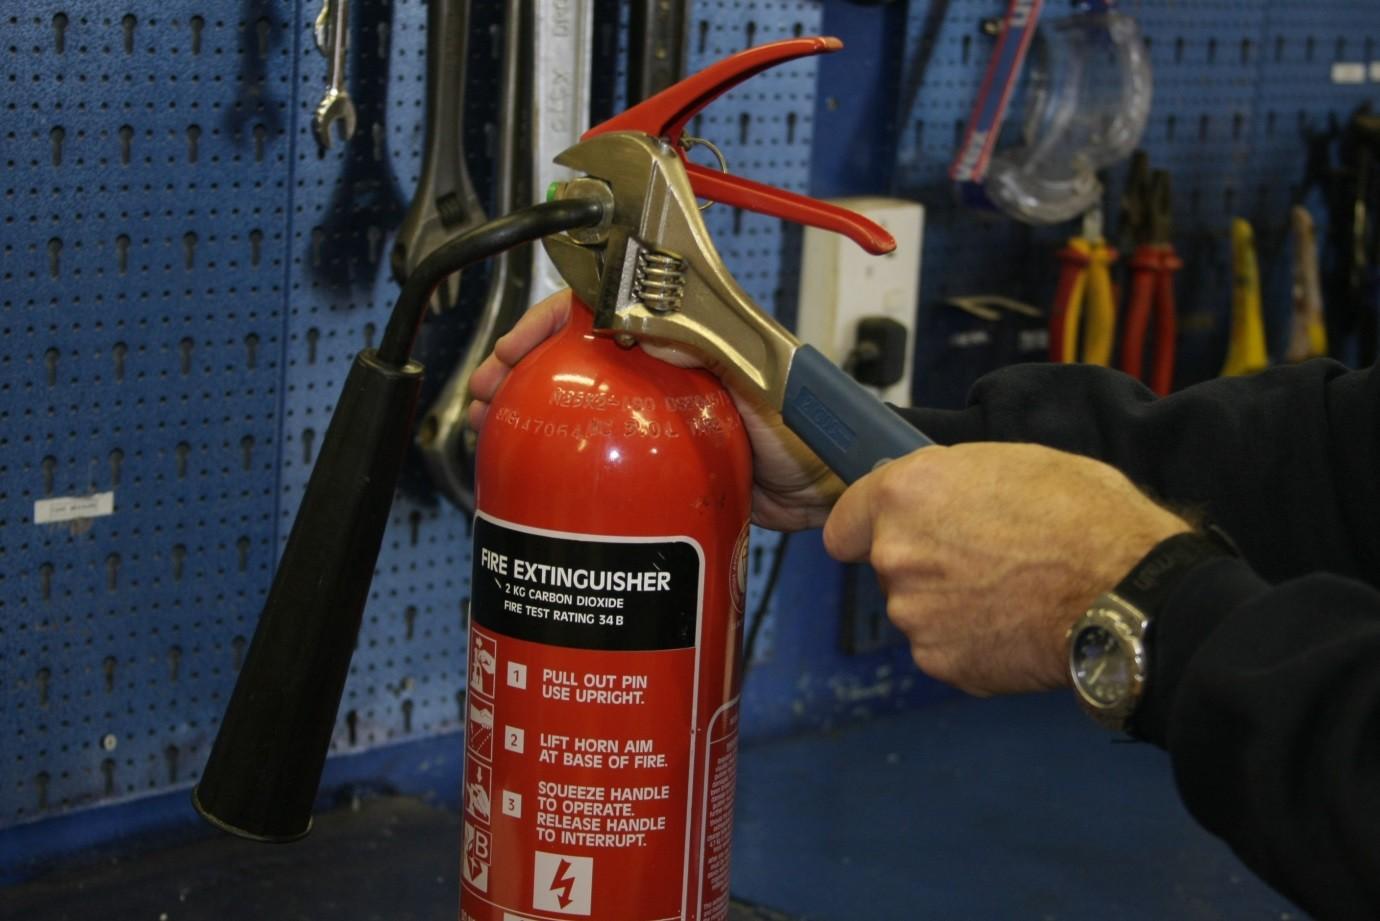 Dịch vụ bảo dưỡng nạp sạc bình cứu hỏa kèm thay thế phụ kiện thiết bị chữa cháy miễn phí với số lượng nhiều tại TPHCM, Bình Dương 3